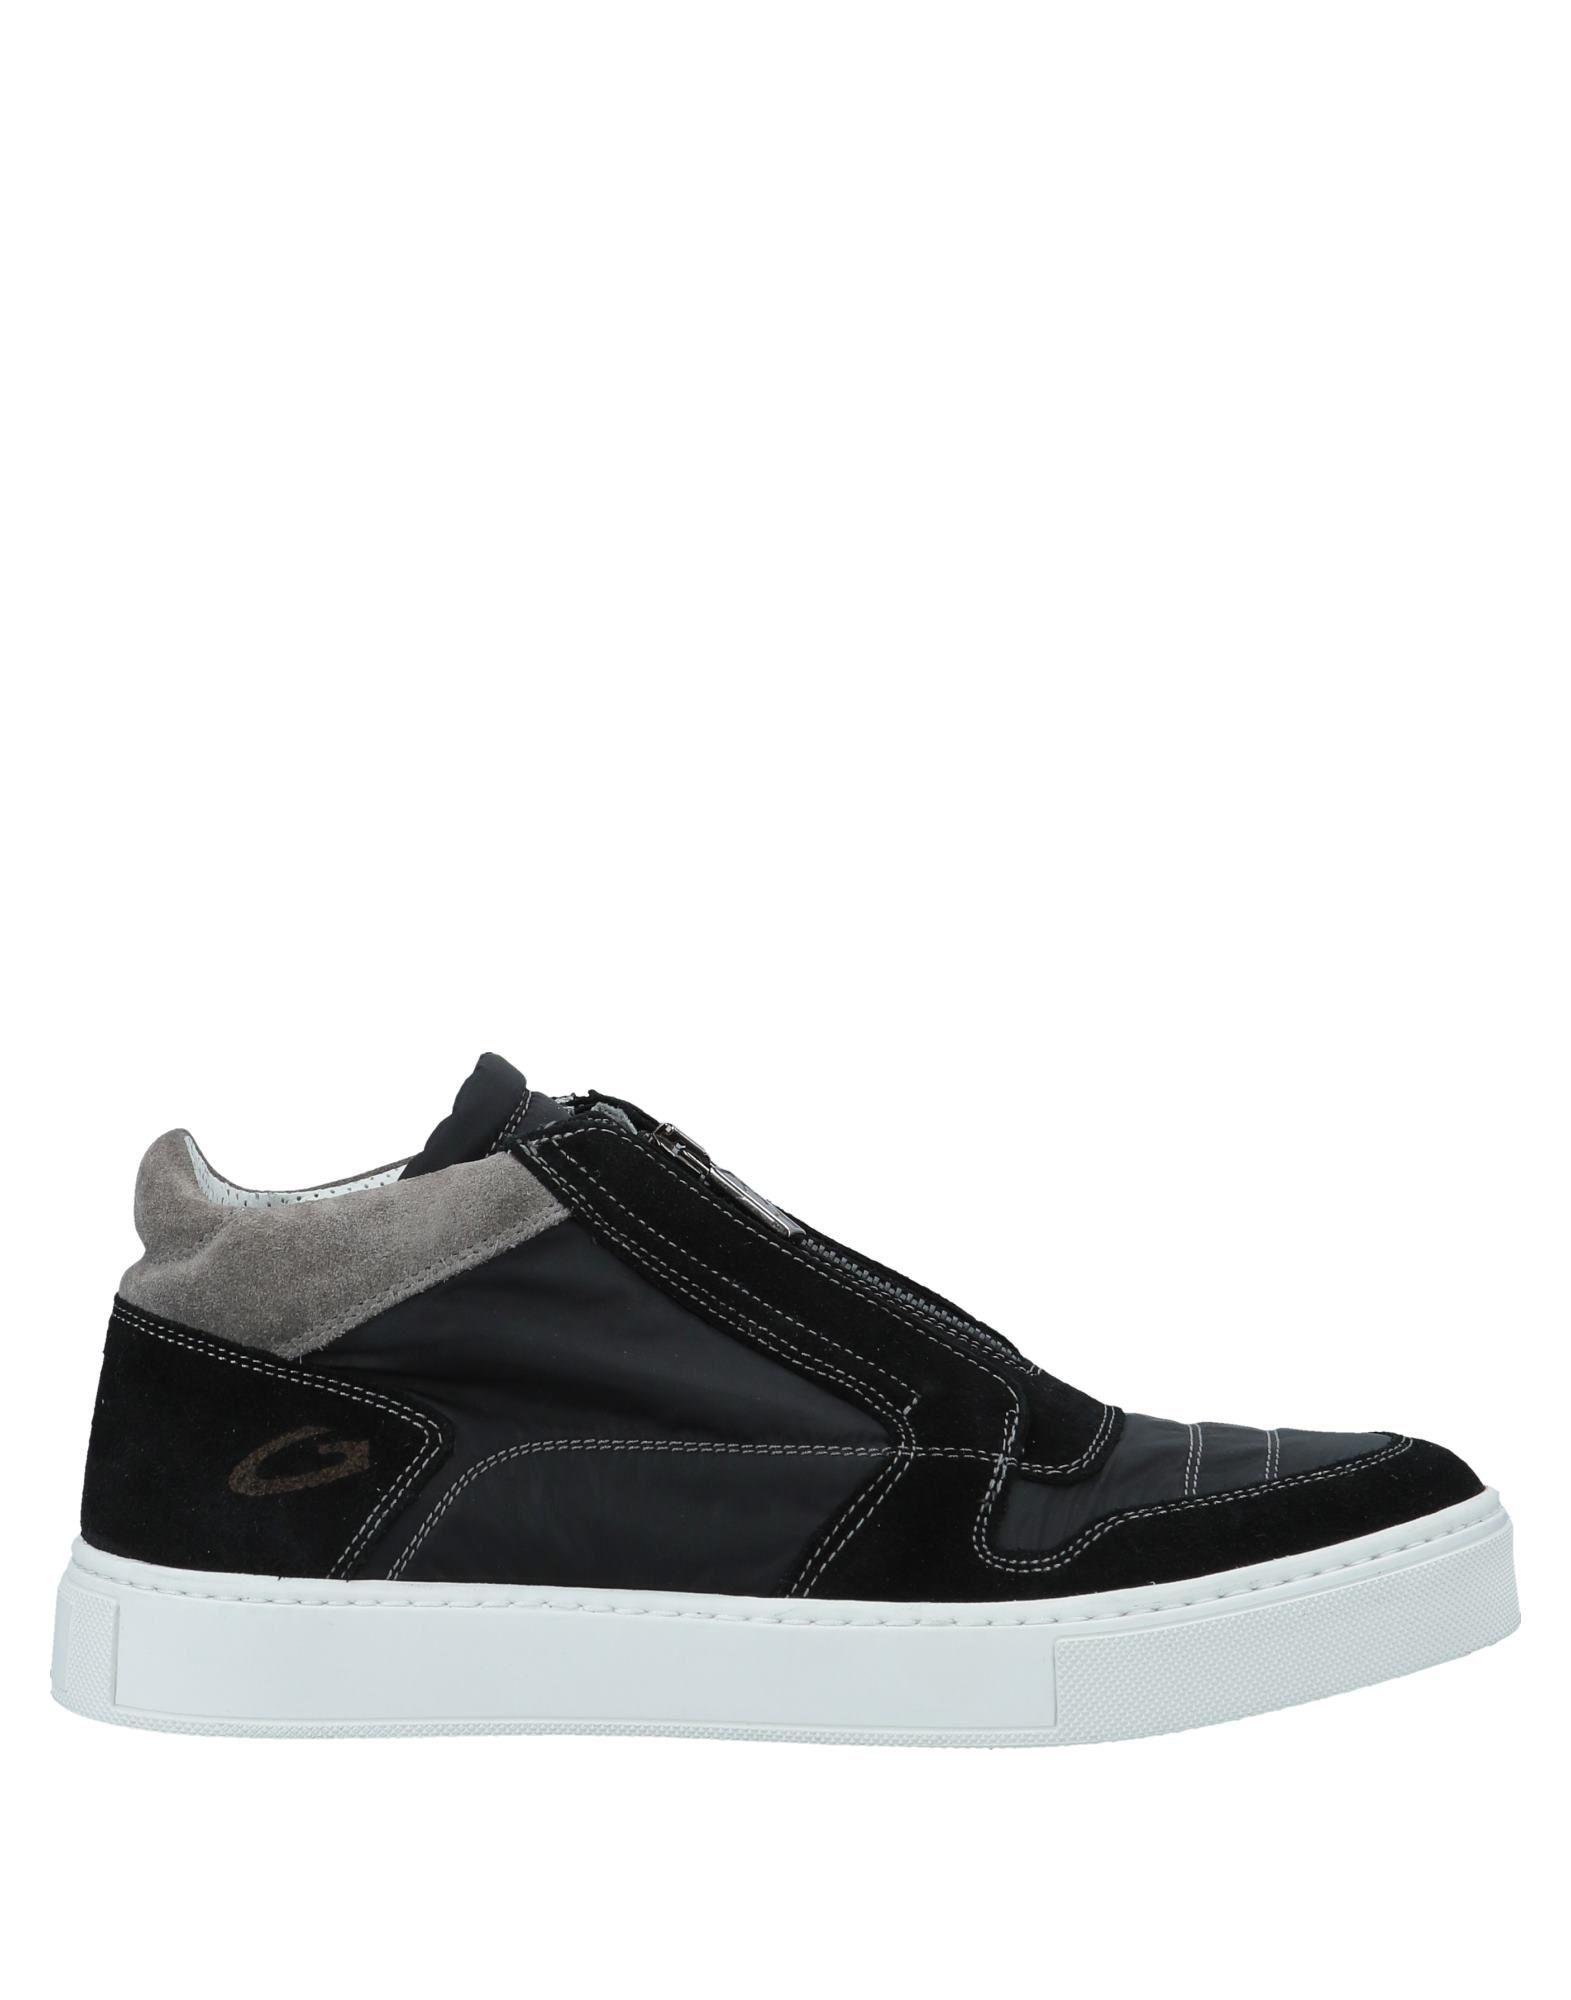 《送料無料》ALBERTO GUARDIANI メンズ スニーカー&テニスシューズ(ハイカット) ブラック 41 紡績繊維 / 革